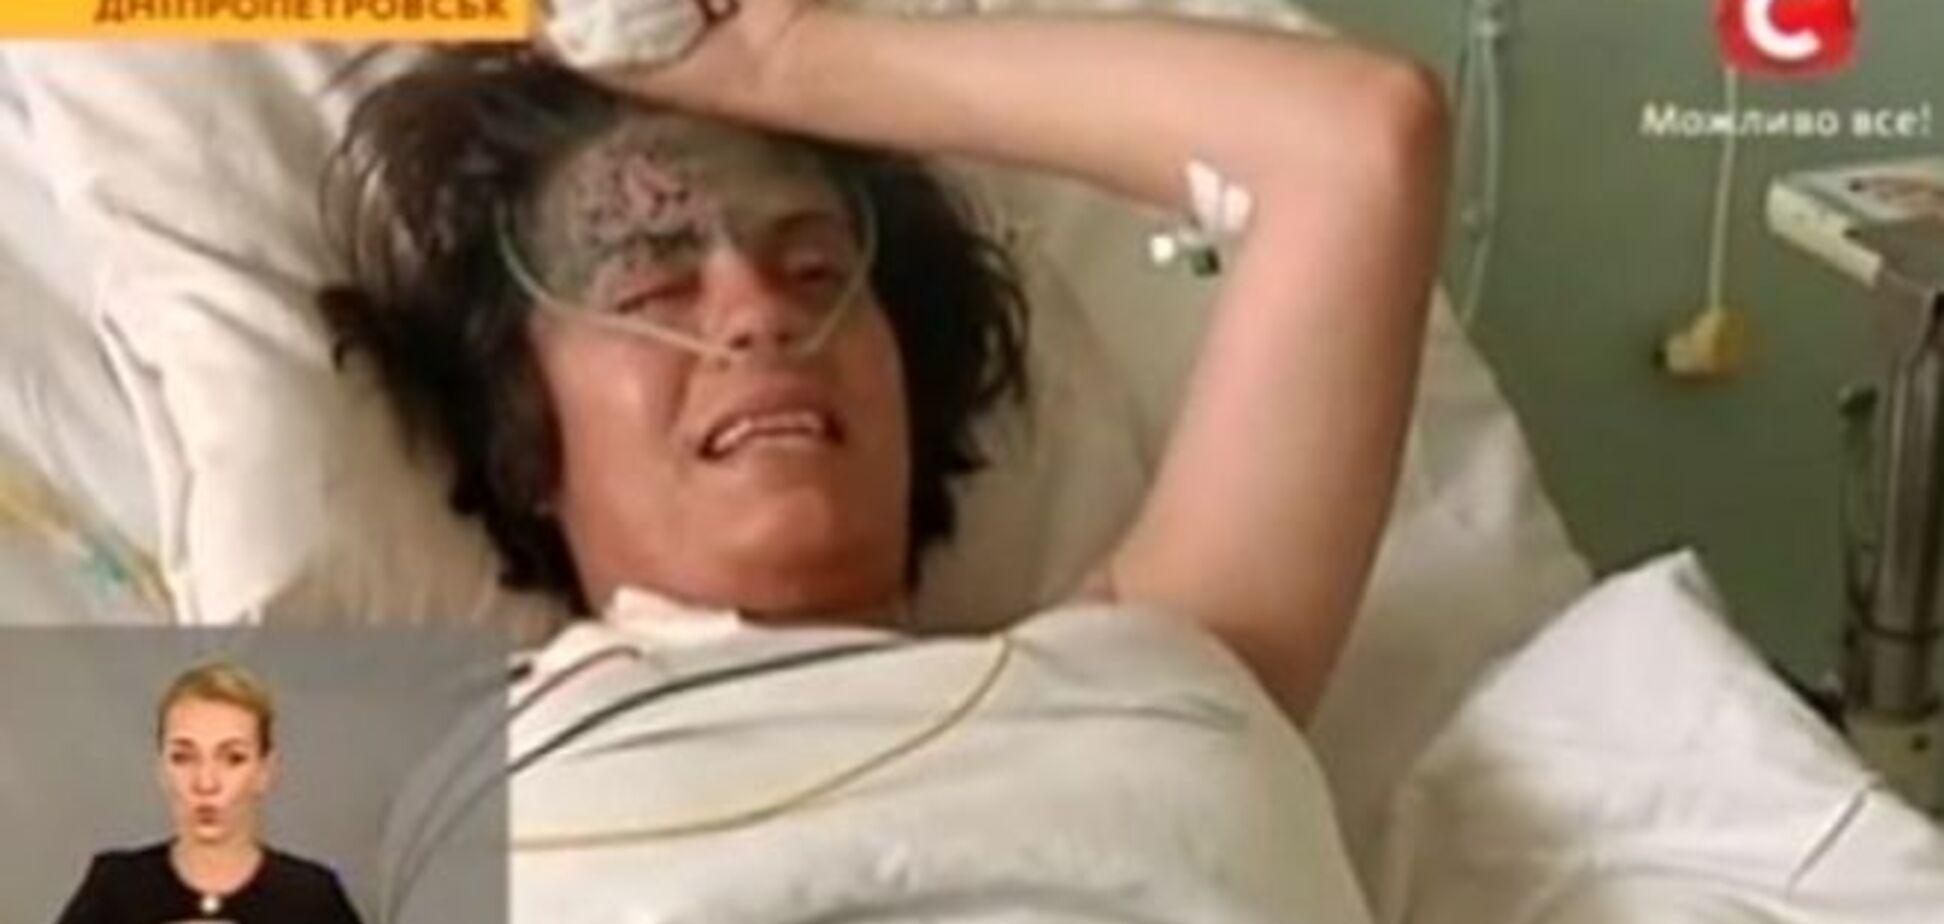 Героическая медсестра, подорвавшаяся на фугасе, вышла из комы: это война, такое случается